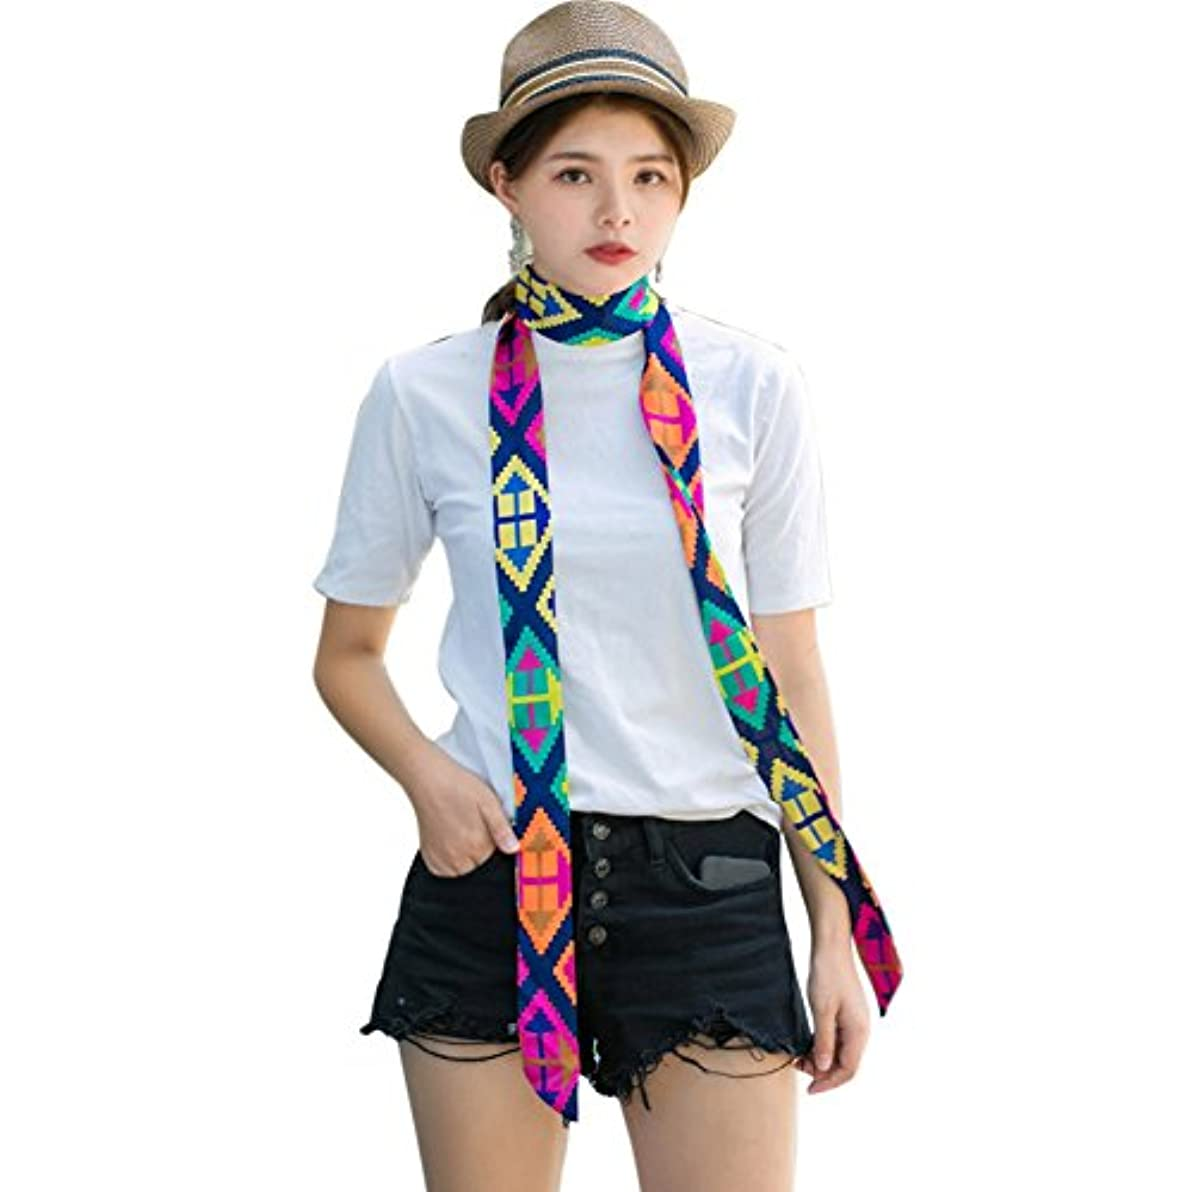 現実的血色の良い変換BOXUAN小さいスカーフの女性 の細い長条 スカーフ 夏 マフラー ベルト リボン バッグはリ ボンを飾ります 旅行 通勤用 スカーフ ギフト春秋 マフラー おしゃれ レディース